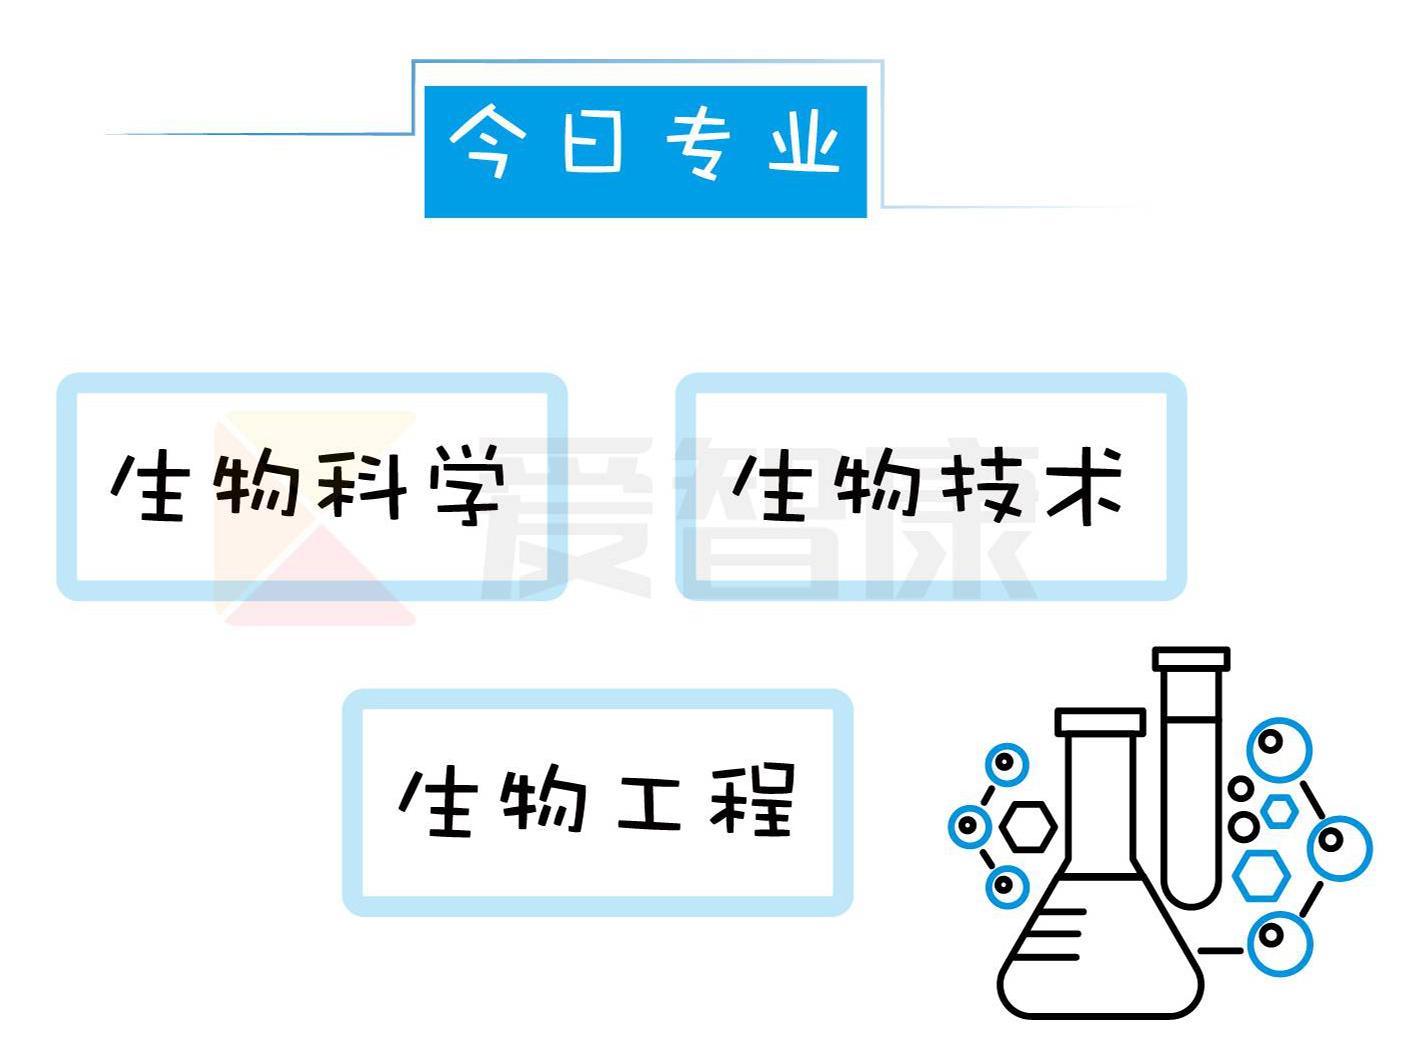 生物科学生物技术生物工程